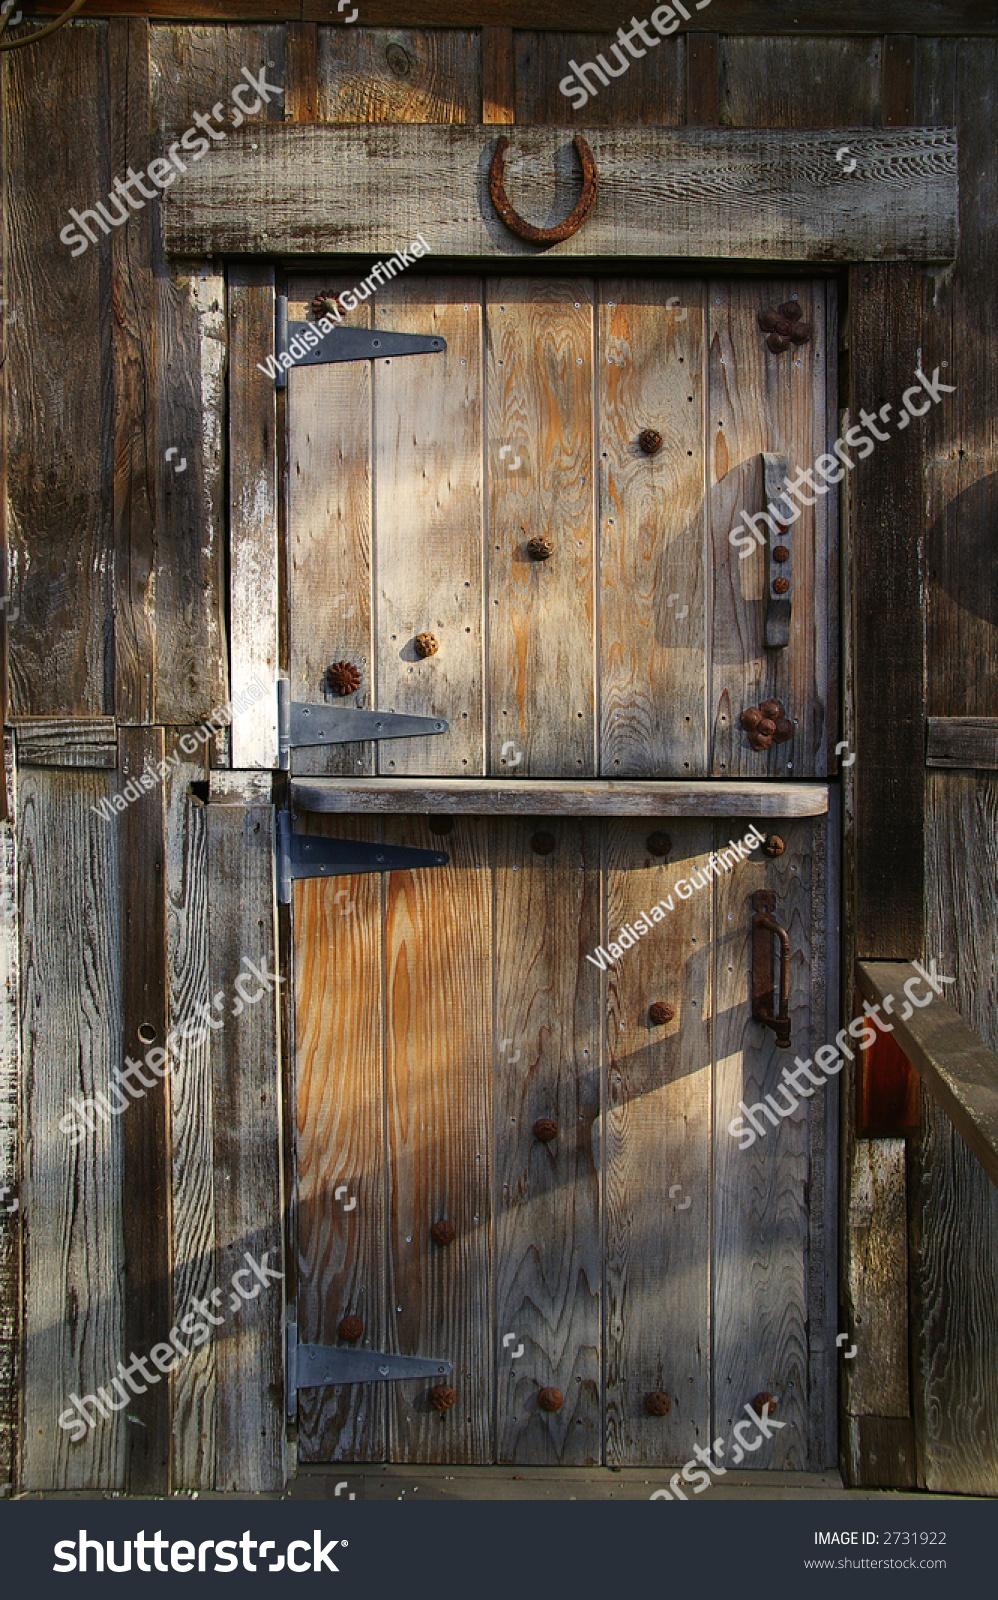 Rustic Wooden Barn Door With Rusty Metal Handles And